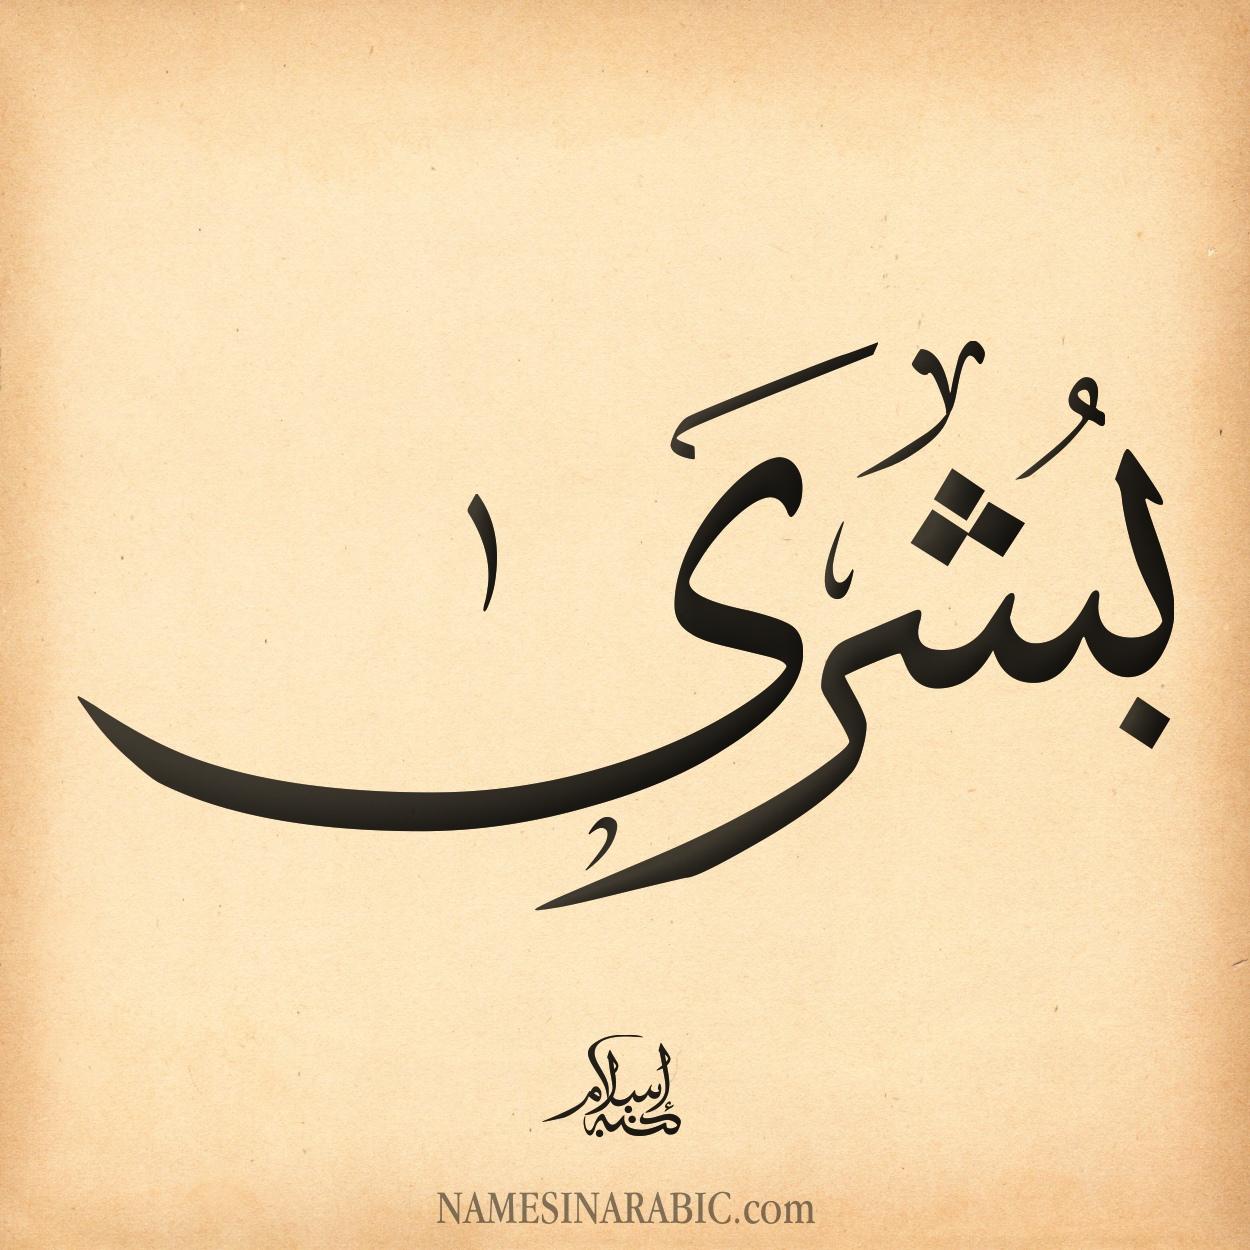 صورة اسم بشرى Boshra اسم بشرى بالخط العربي من موقع الأسماء بالخط العربي بريشة الفنان إسلام ابن الفضل